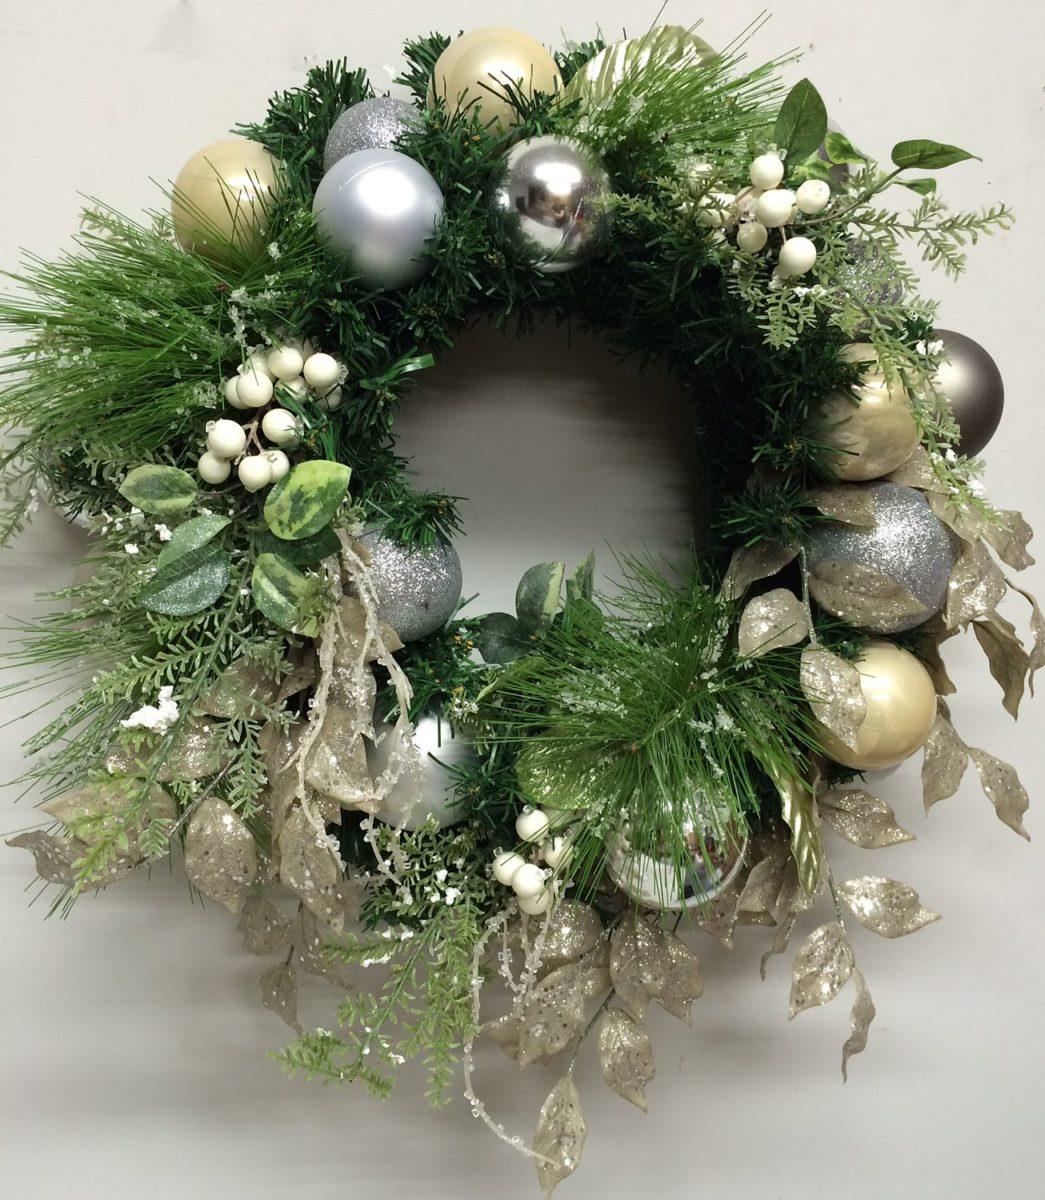 decorazioni-natalizie-verde-ghirlanda